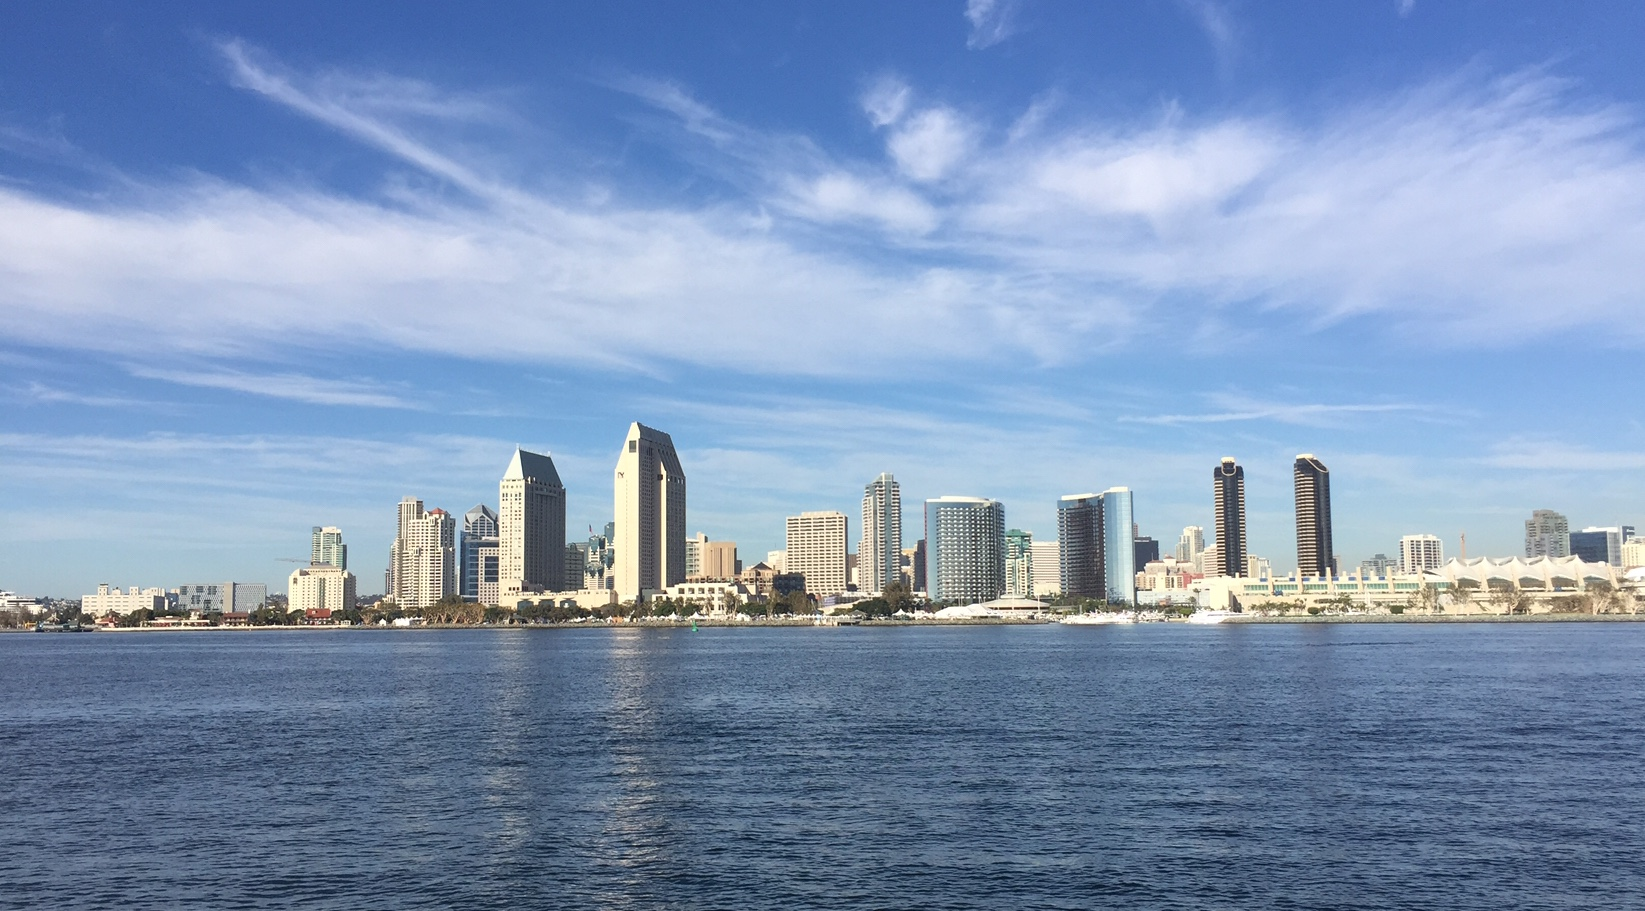 Downtown San Diego, CA